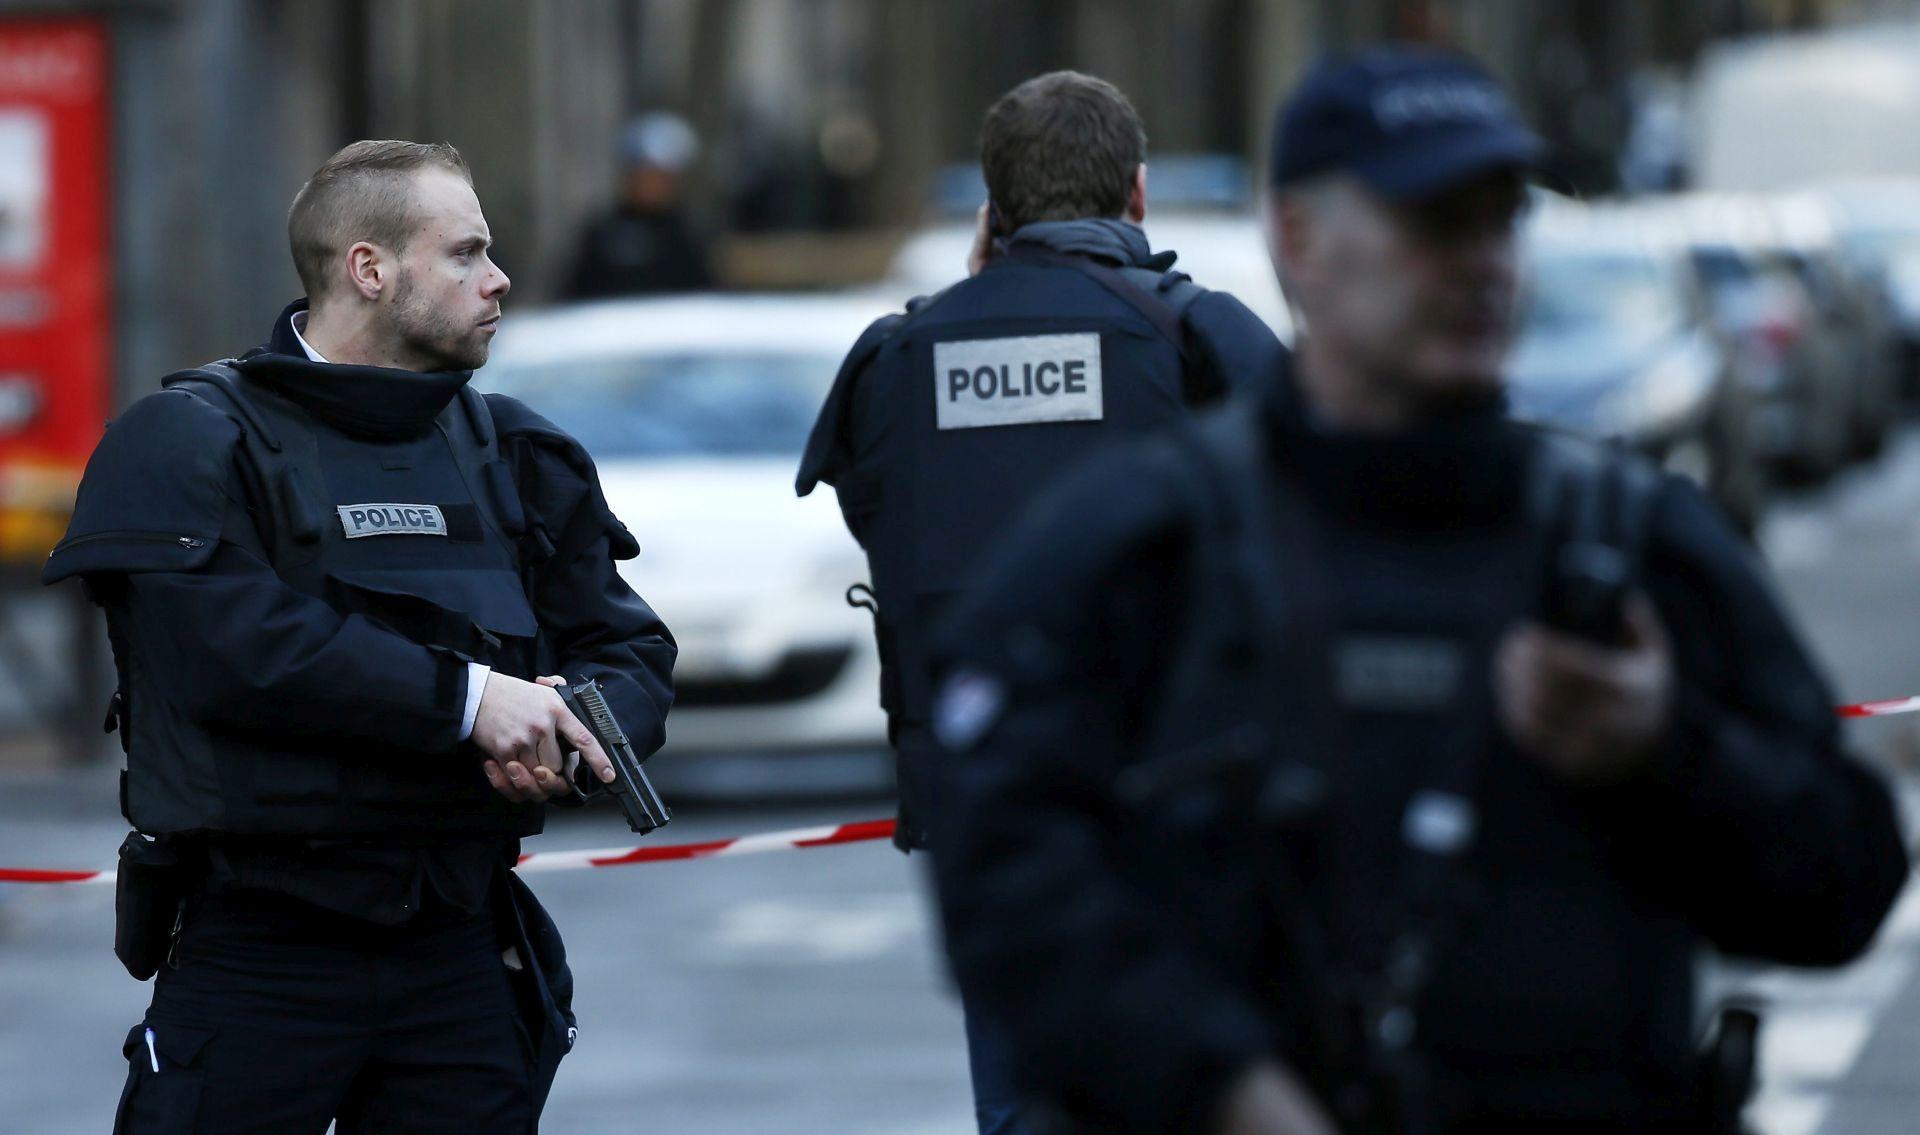 Na vlaku u Francuskoj uhićeno dvoje osumnjičenih za terorističke veze